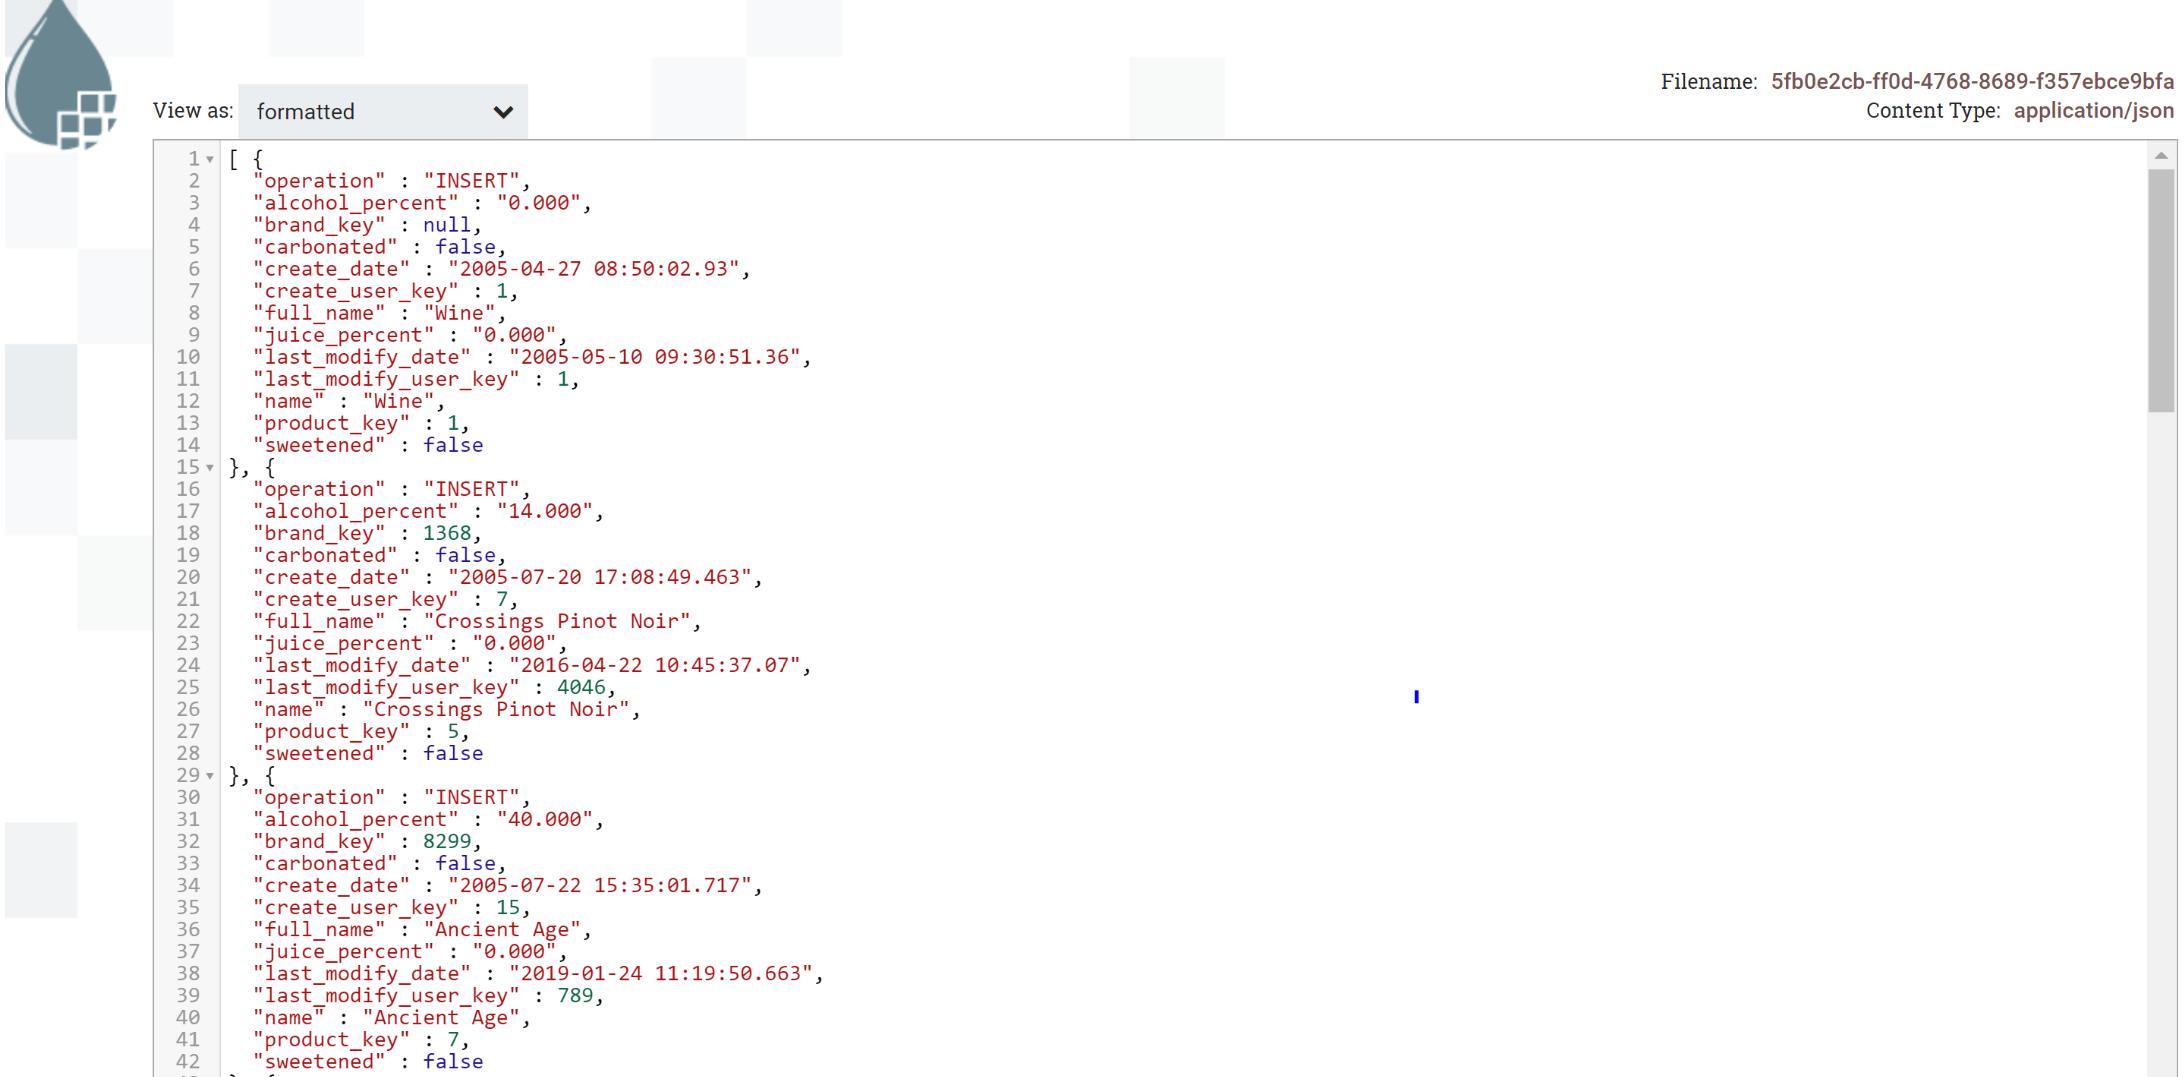 Apache nifi - Split json error when an array has o